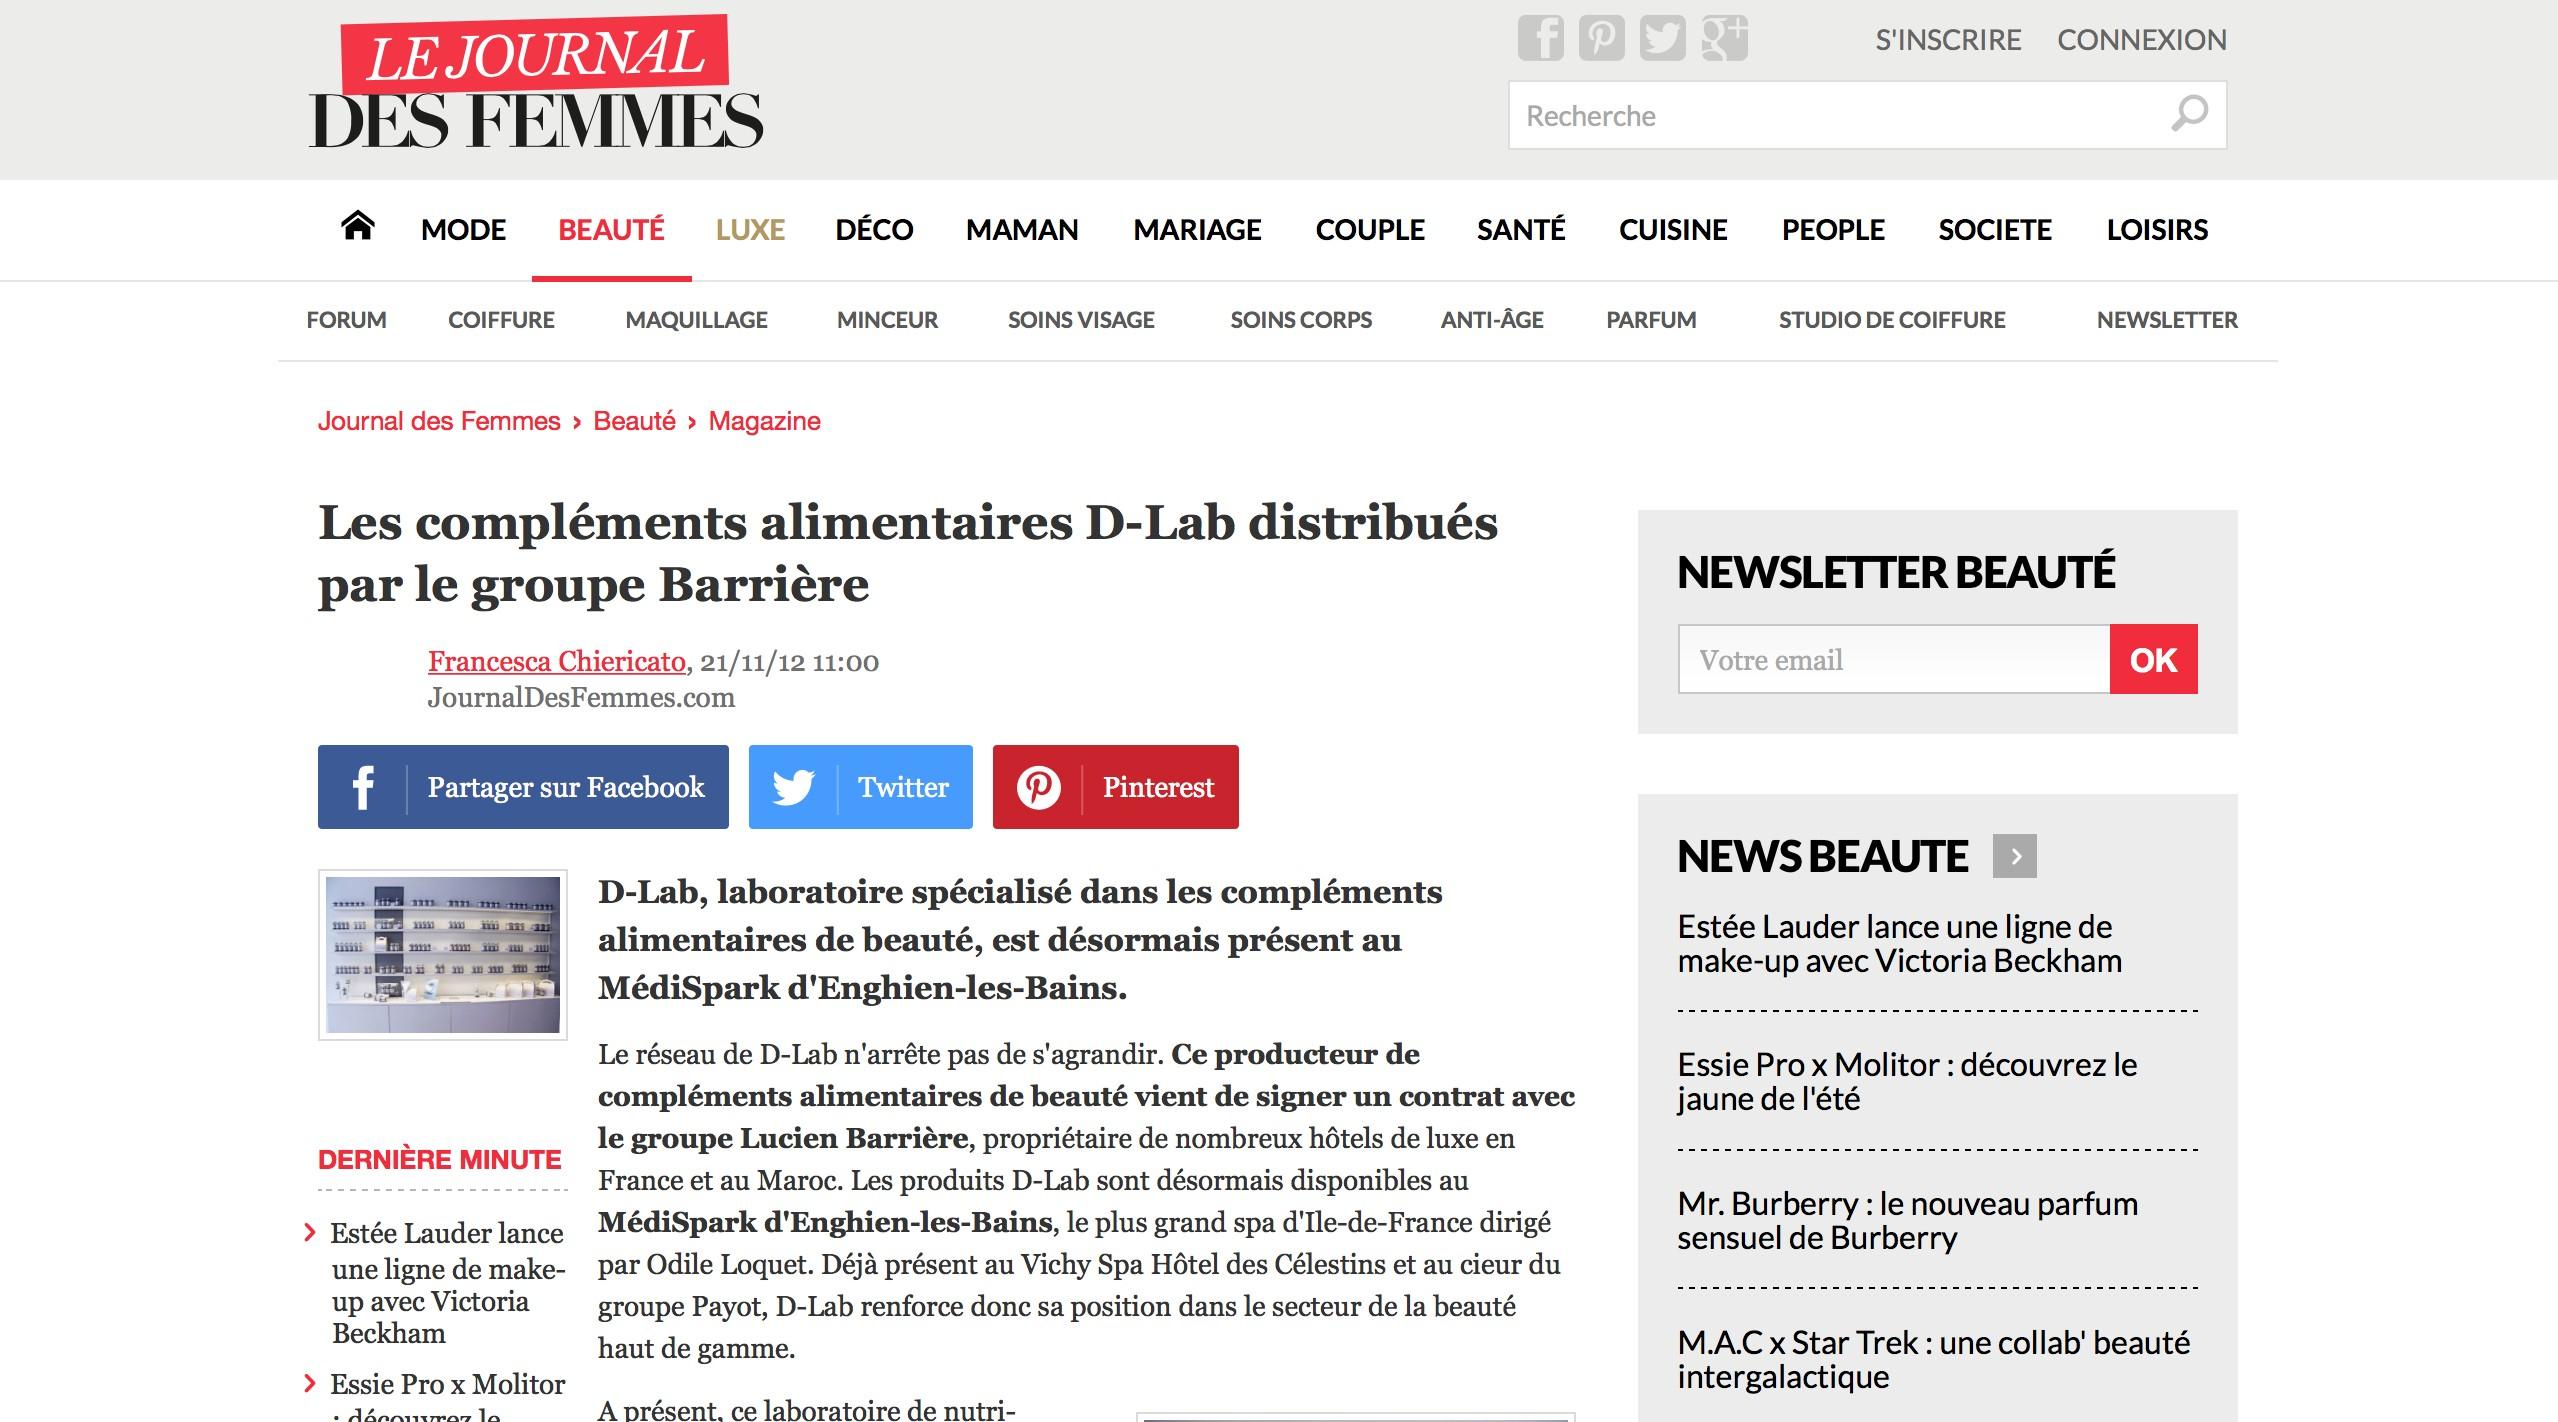 Cuisine Journal De Femme Meilleur De Photos Morals Village Idées Design Journal Des Femmes Cuisine Image 11 Of